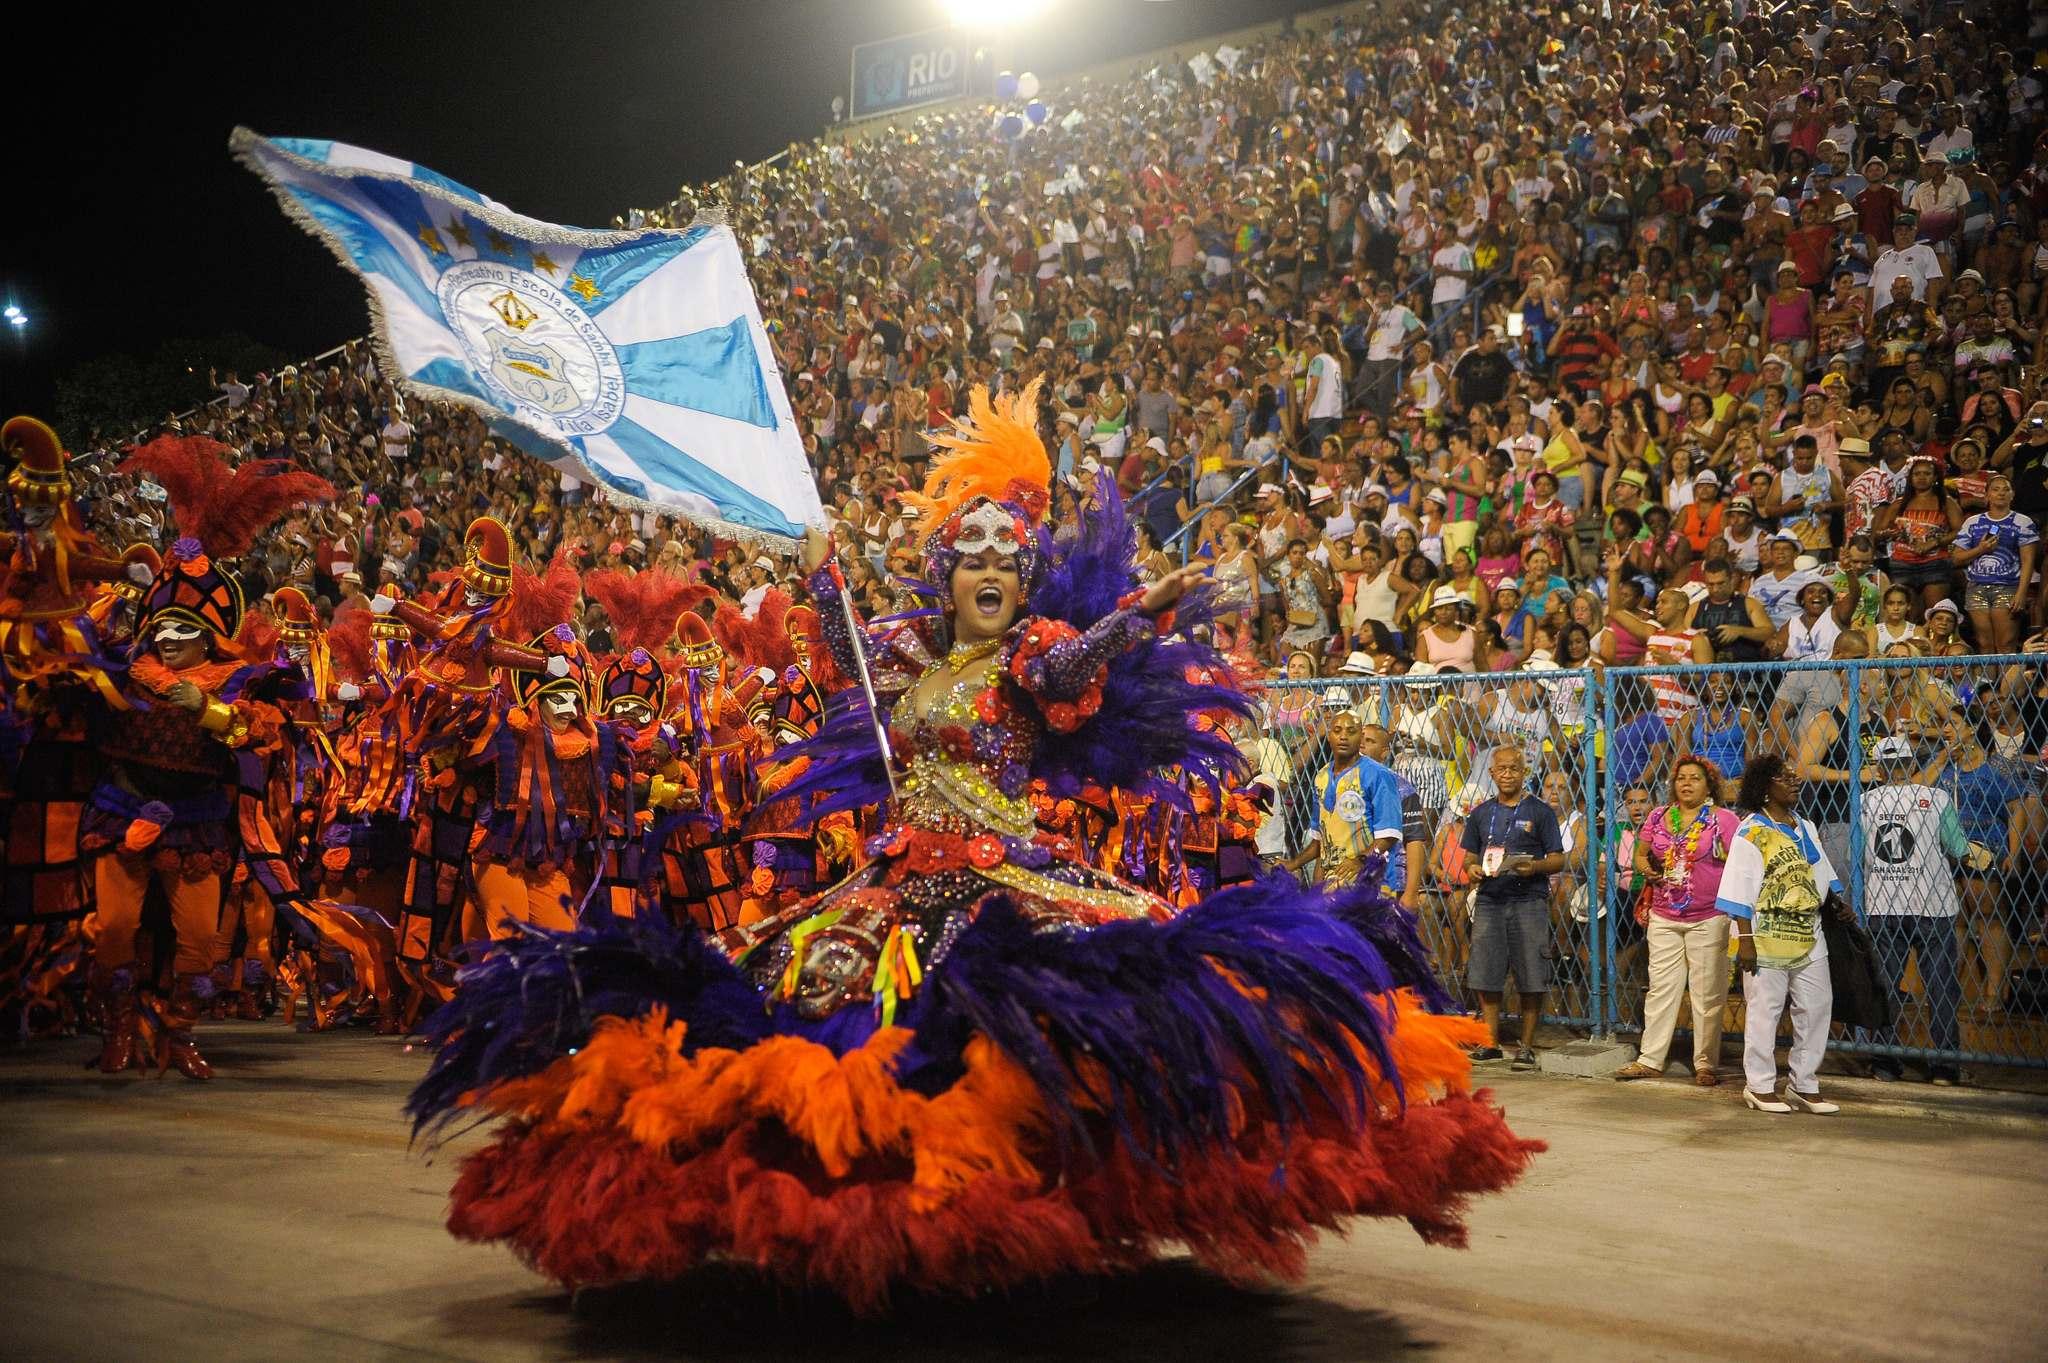 rio de janeiro 20162 Vila Isabel at Carnival in Rio de Janeiro